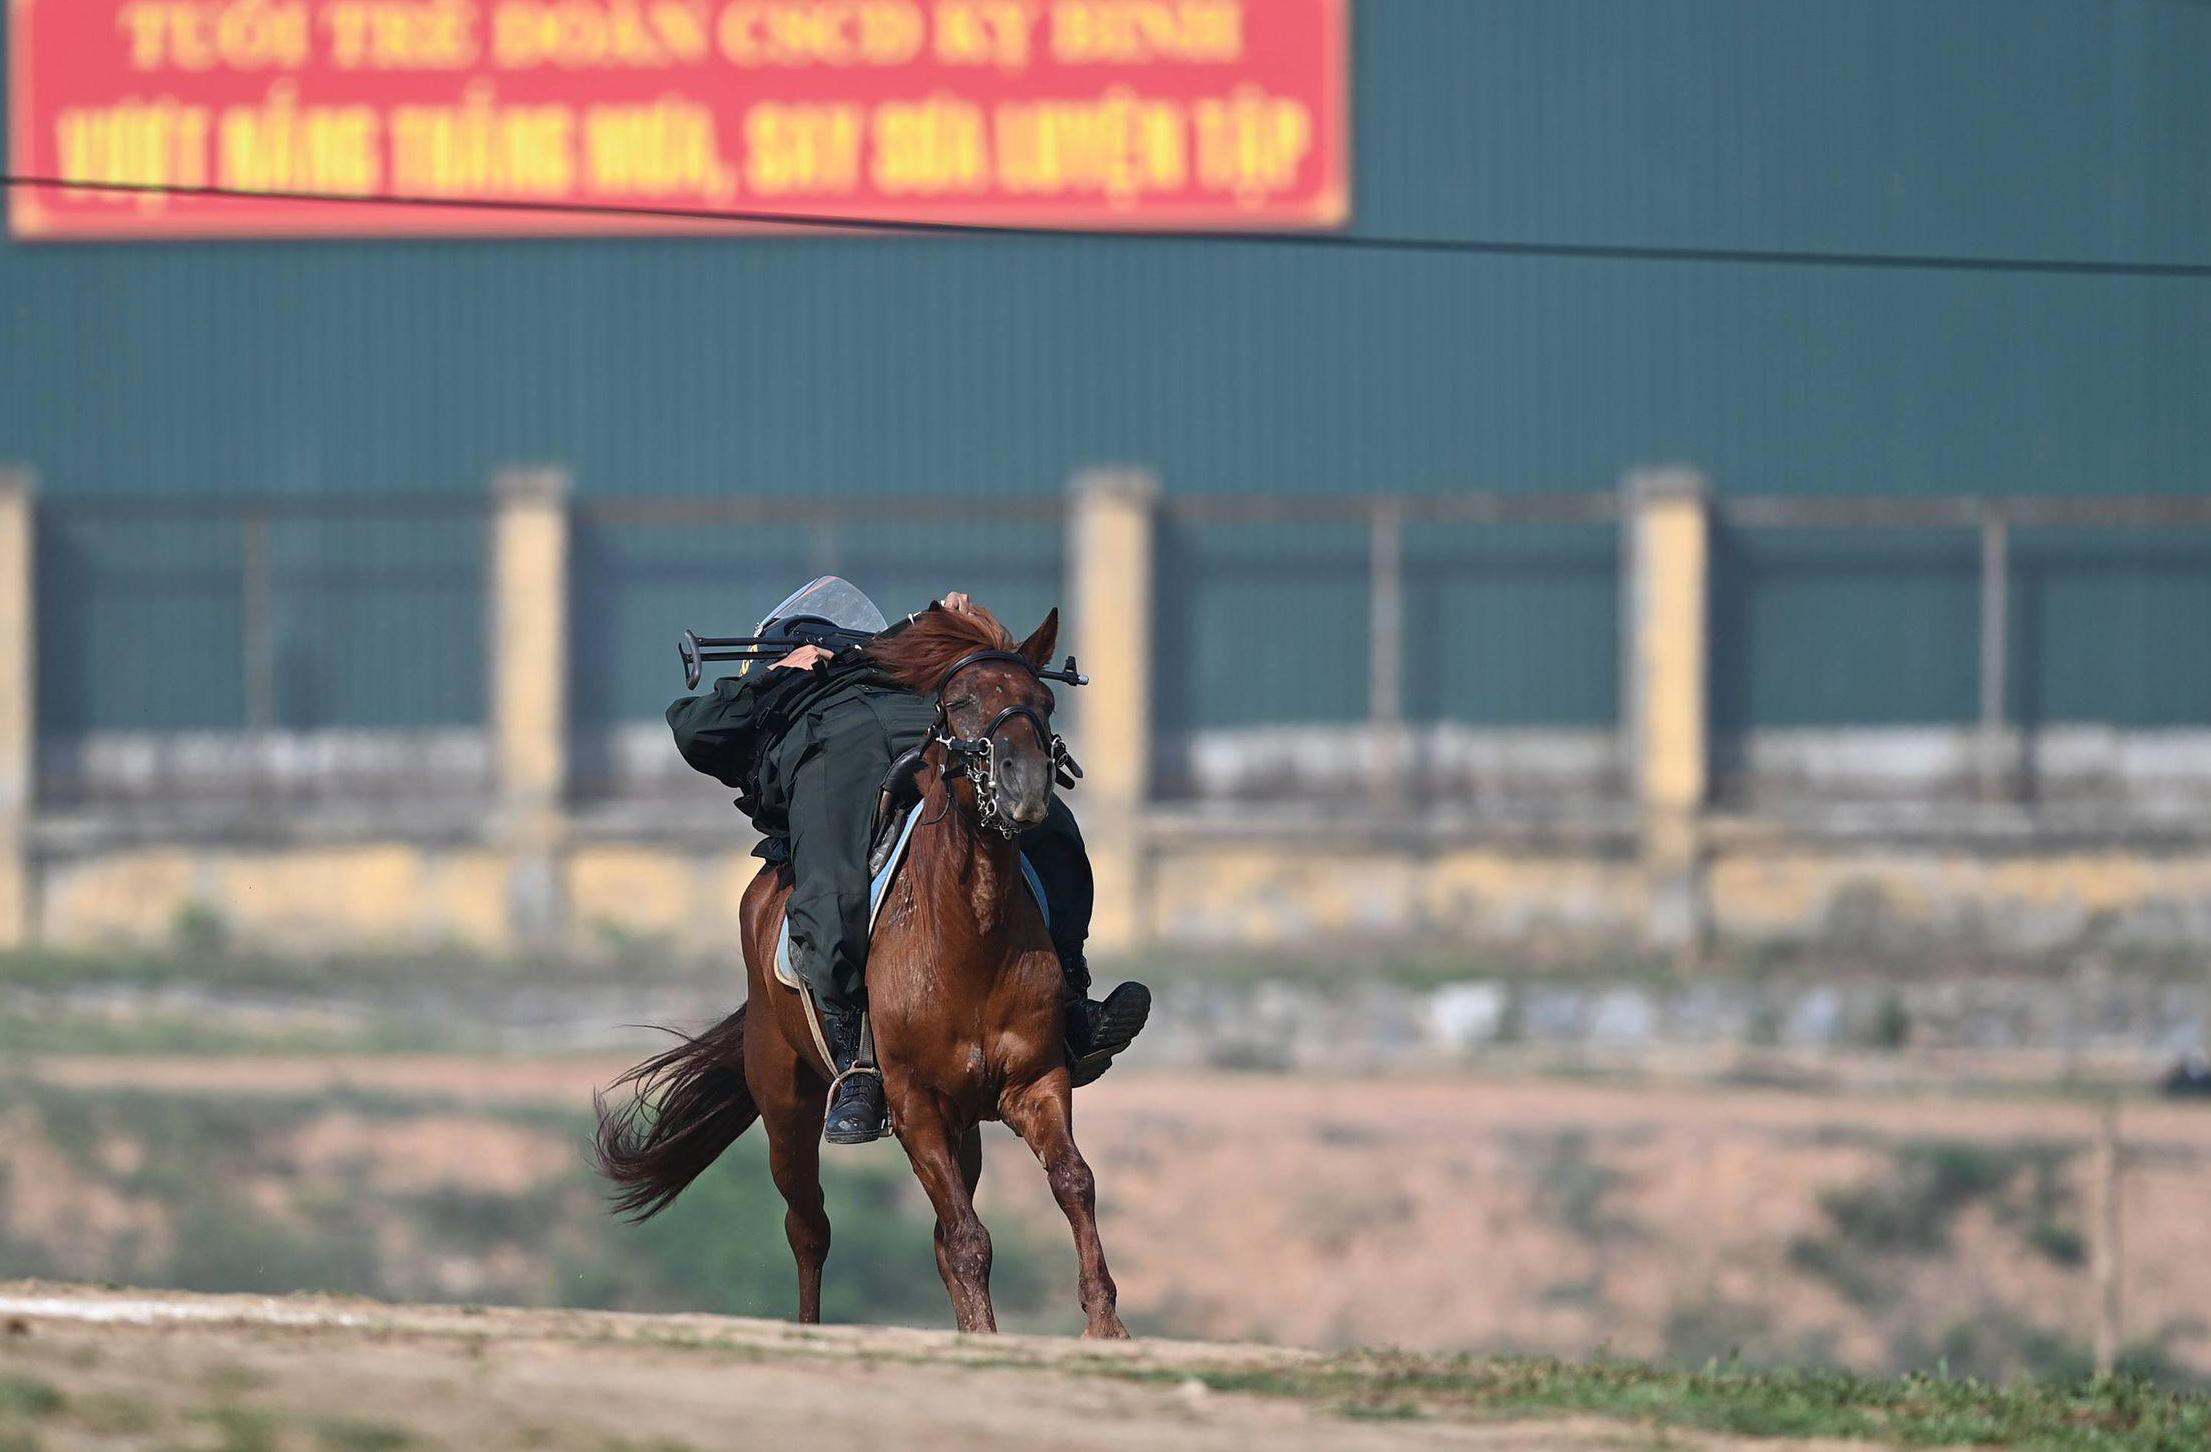 Cảnh sát Cơ động kỵ binh ngày một thuần thục kỹ năng nghiệp vụ - Ảnh 4.